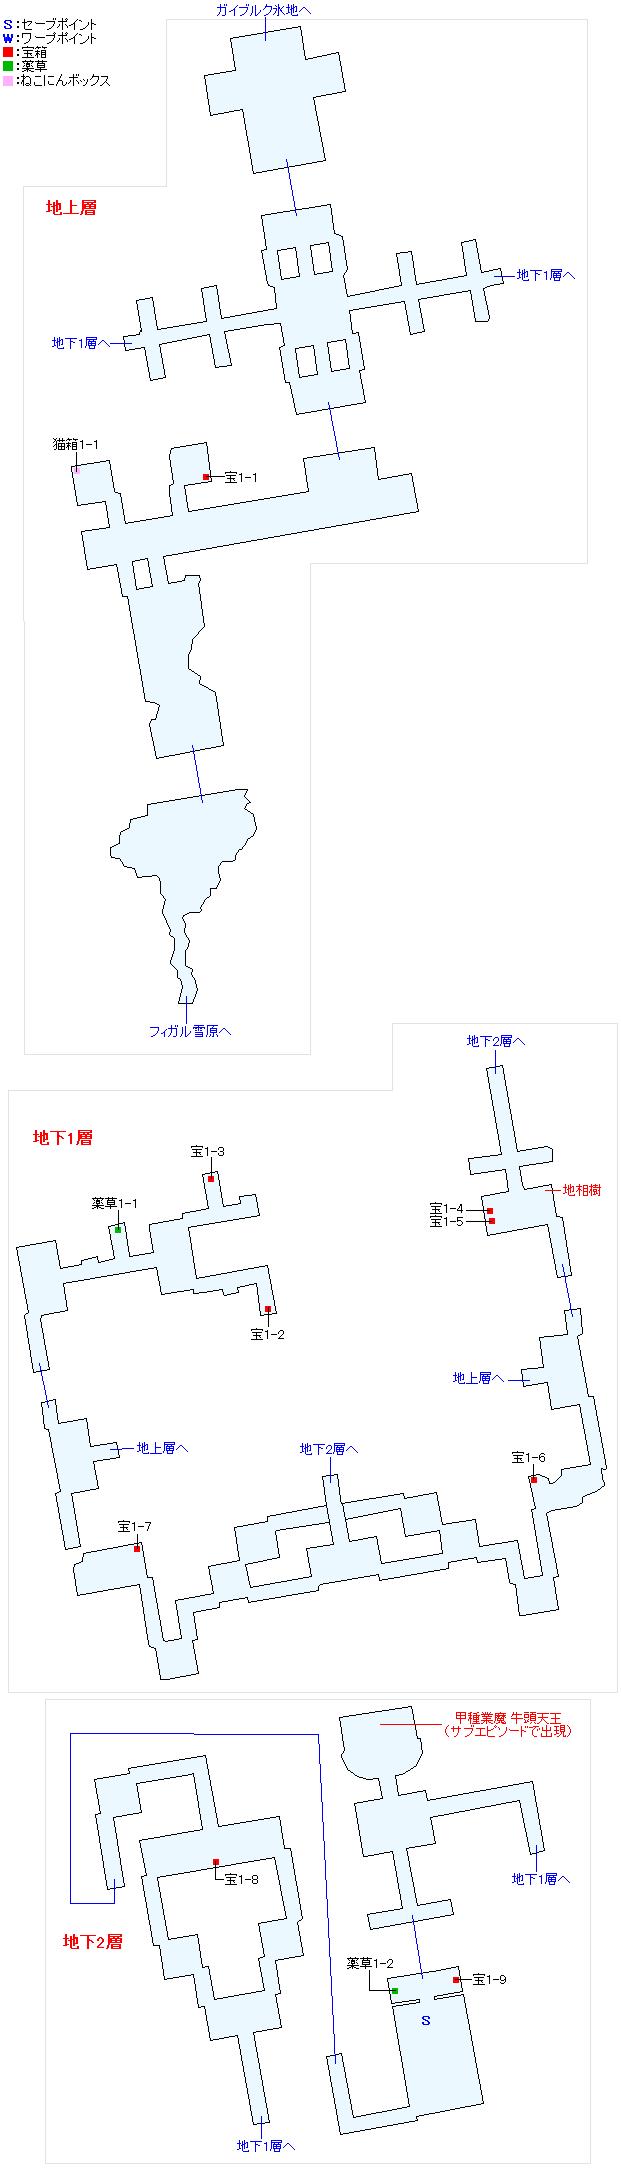 フォルディス遺跡マップ